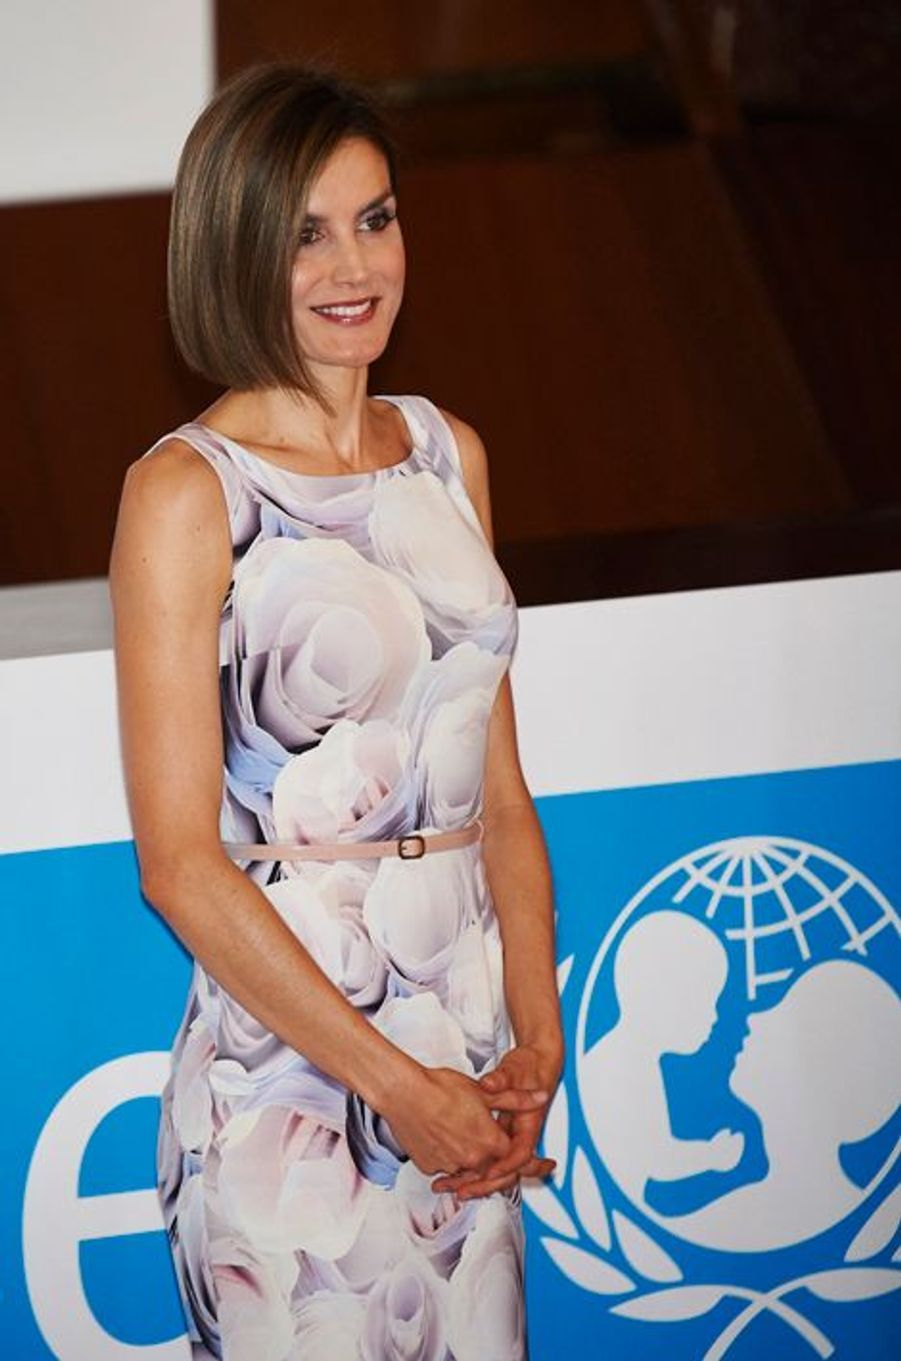 La reine Letizia d'Espagne à la remise des prix de l'Unicef à Madrid, le 23 juin 2015